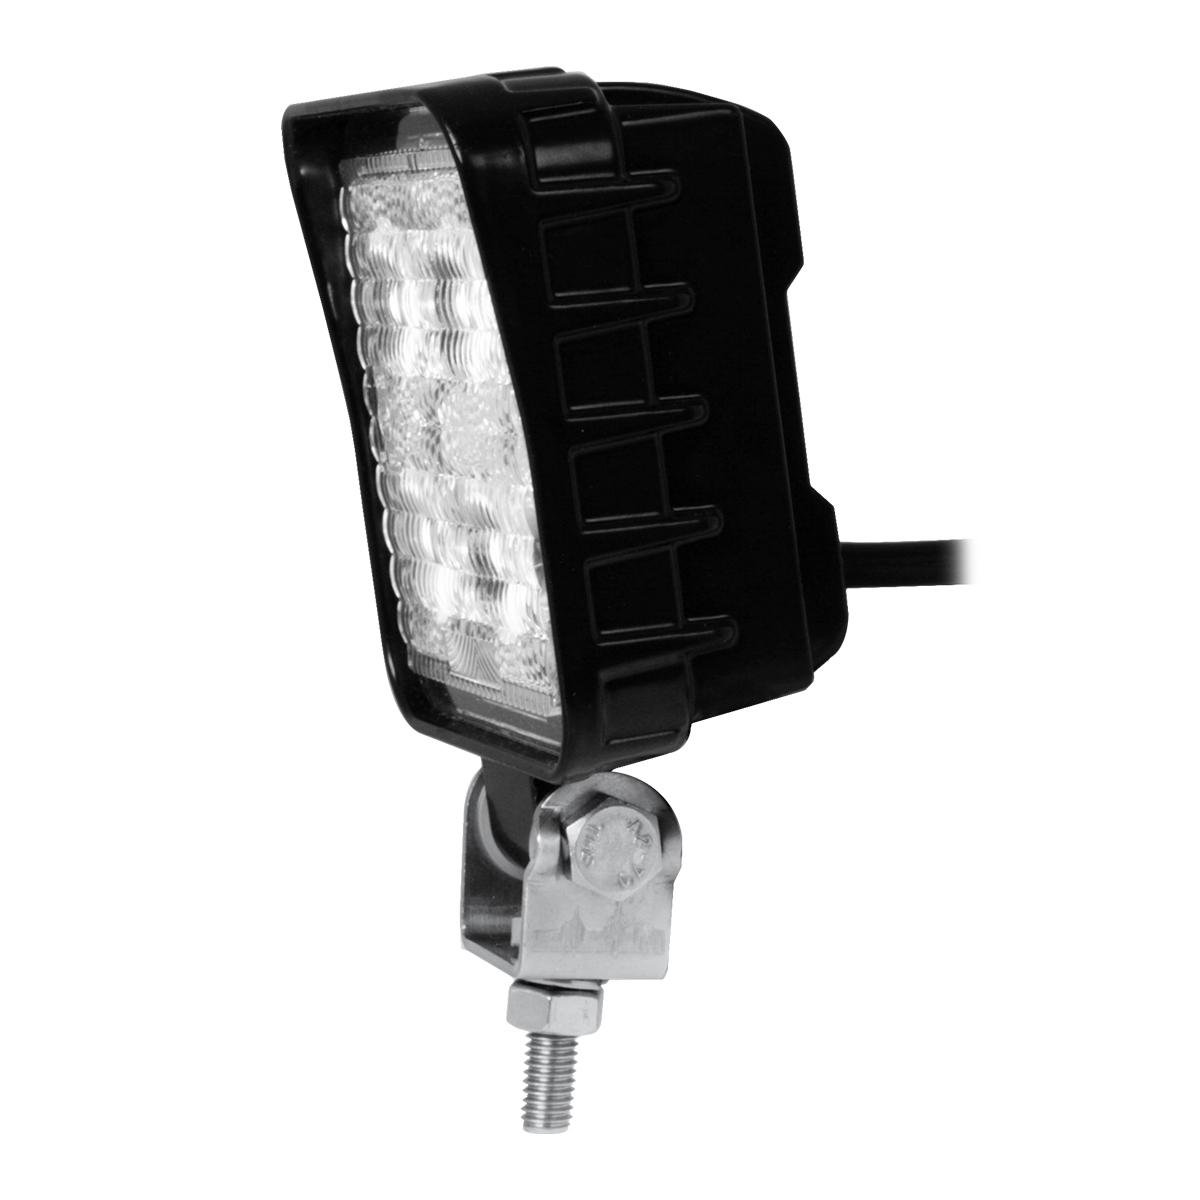 76358 Small High Power LED Flood Light